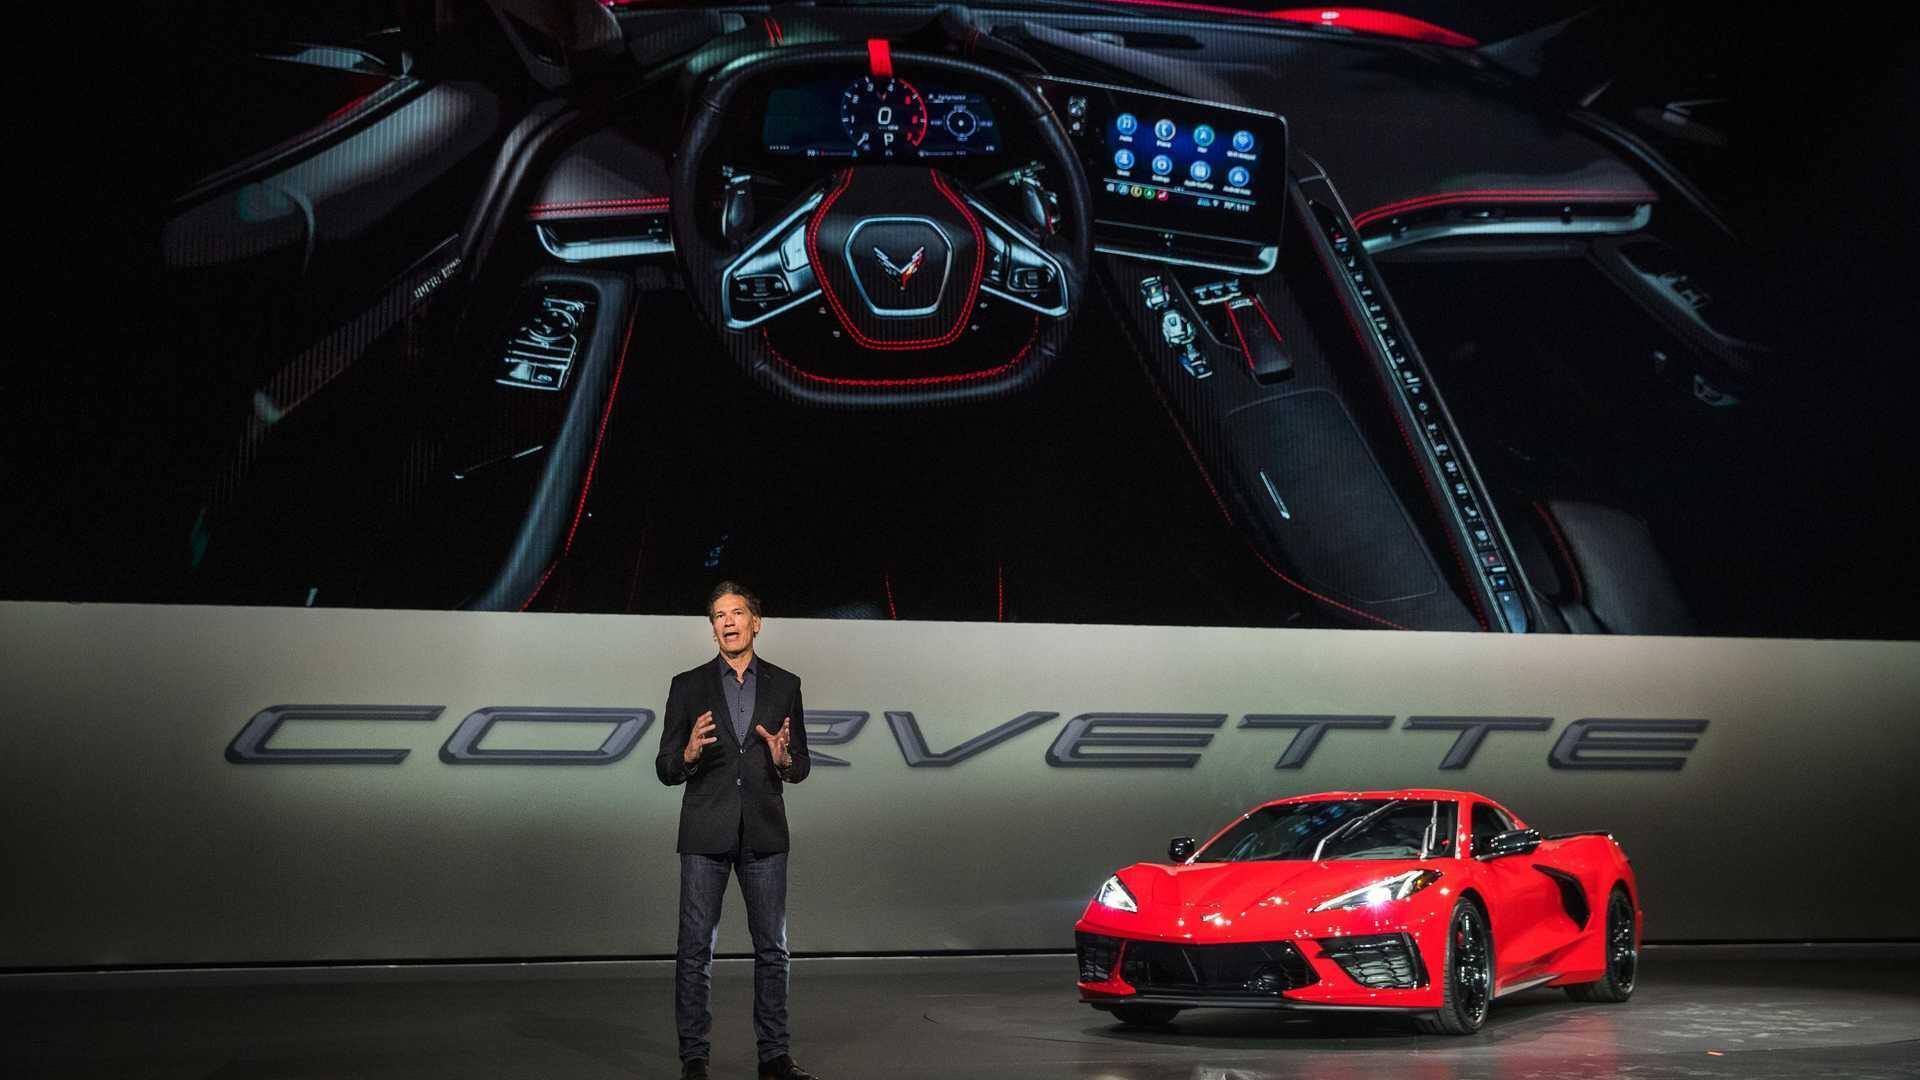 https://cdn.dailyxe.com.vn/image/chevrolet-corvette-2020-co-mot-so-tinh-nang-an-tuyet-voi-32-94543j2.jpg